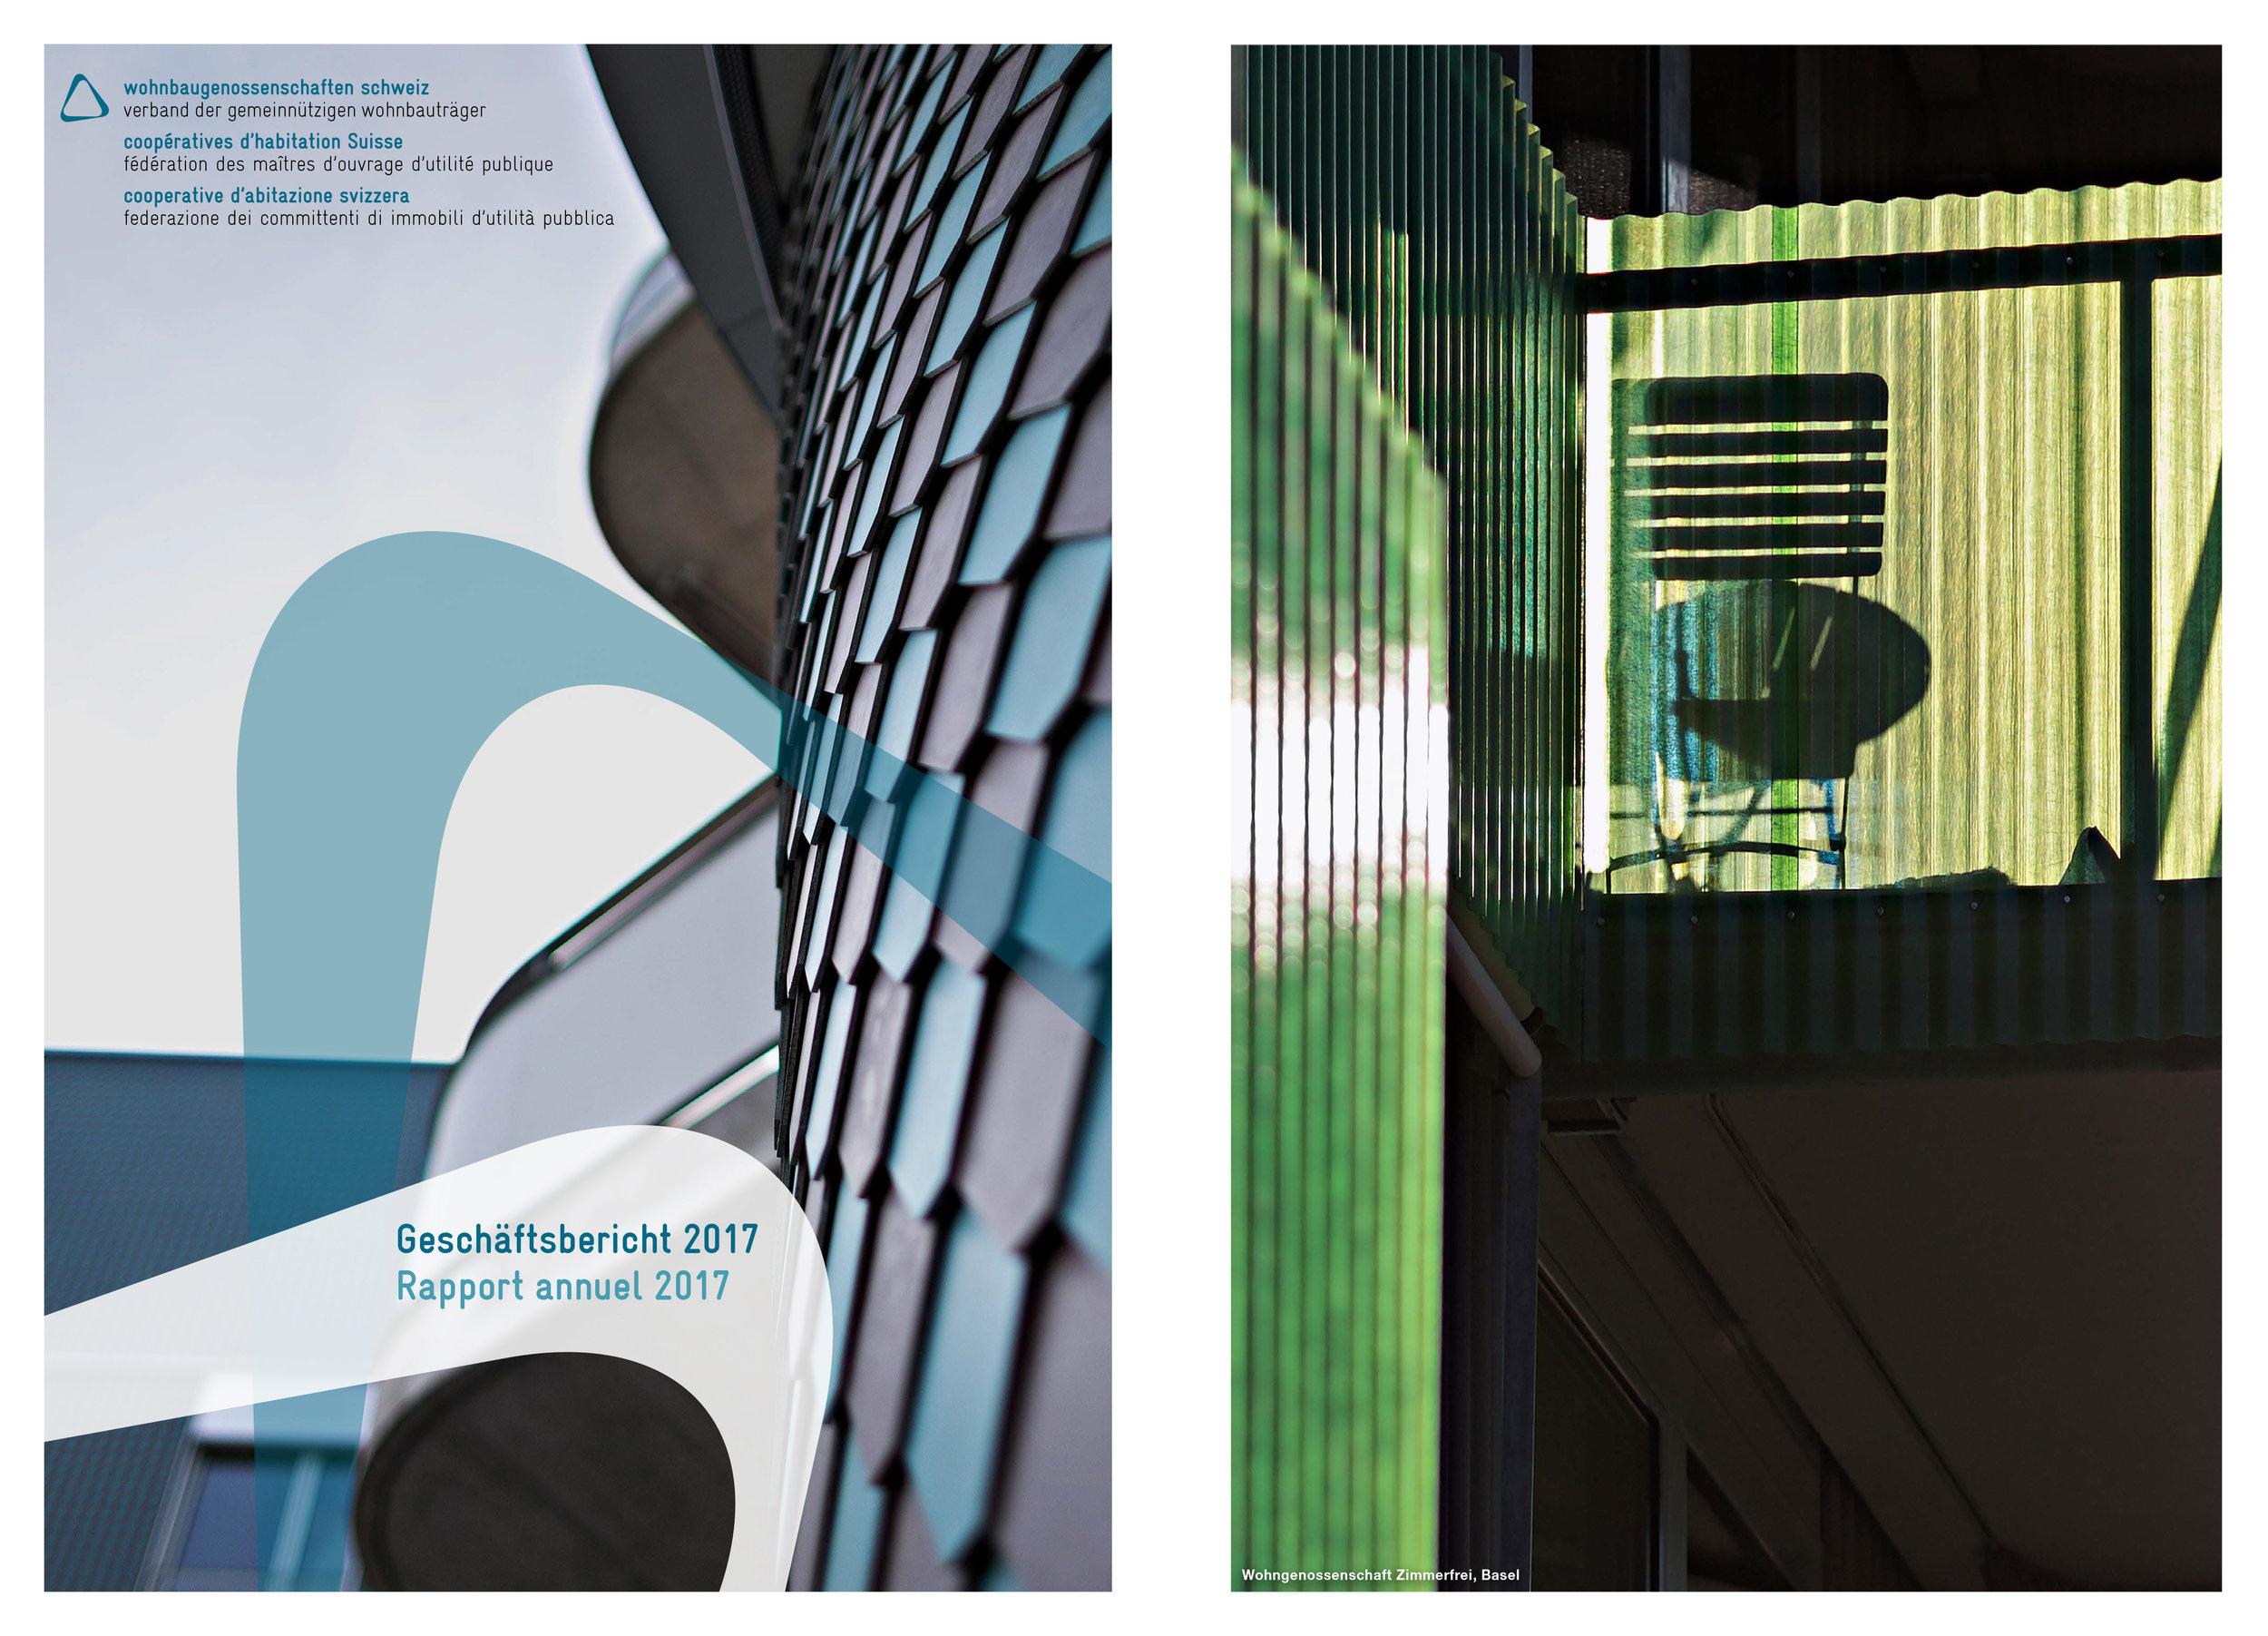 WBG Schweiz - Geschäftsberichte 2015/2016/2017